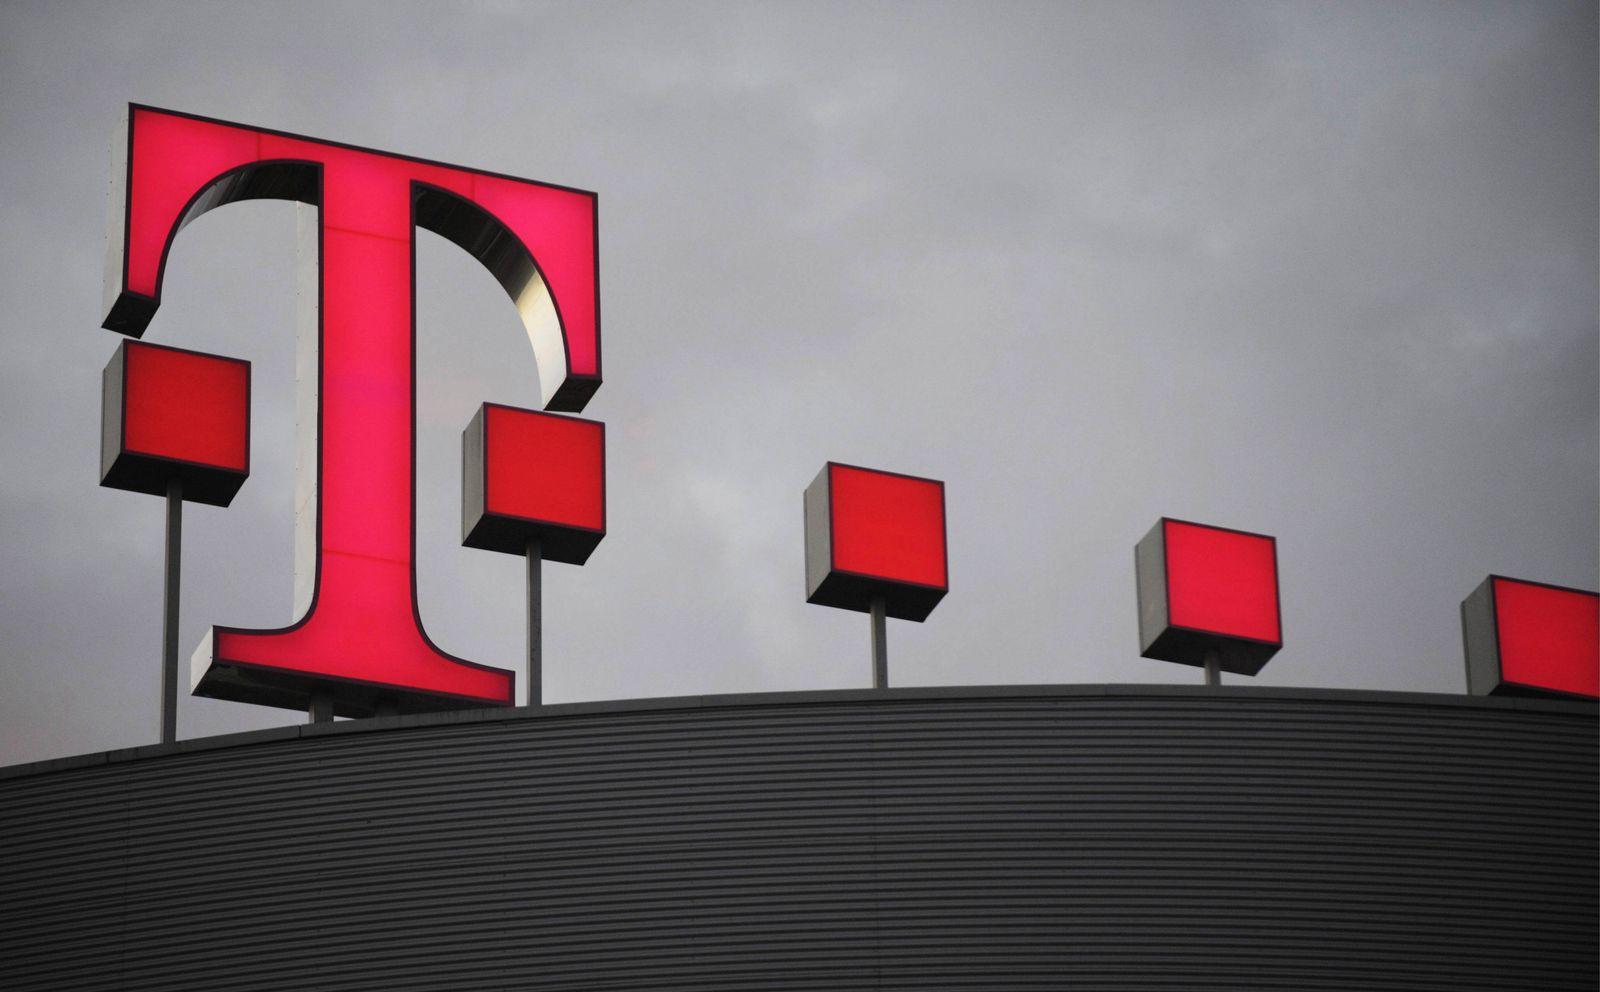 NICHT VERWENDEN Telekom gab BKA offenbar Millionen Kundendaten fuer Rasterfahndung